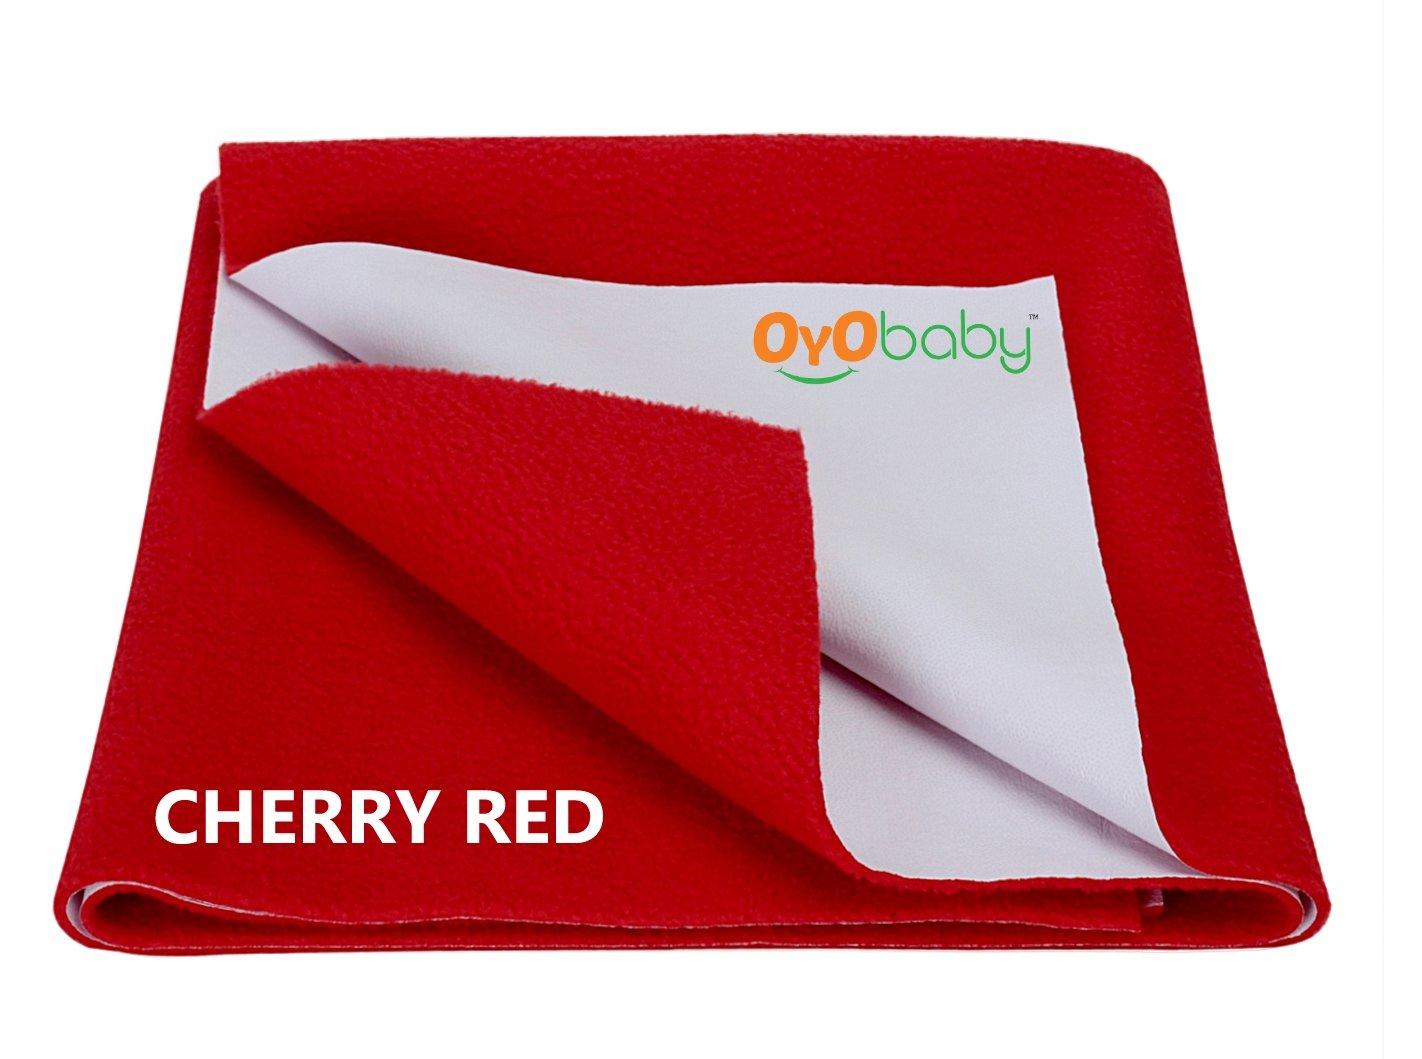 OYO BABY Waterproof Bed Protector Dry Sheet -Medium (Red)